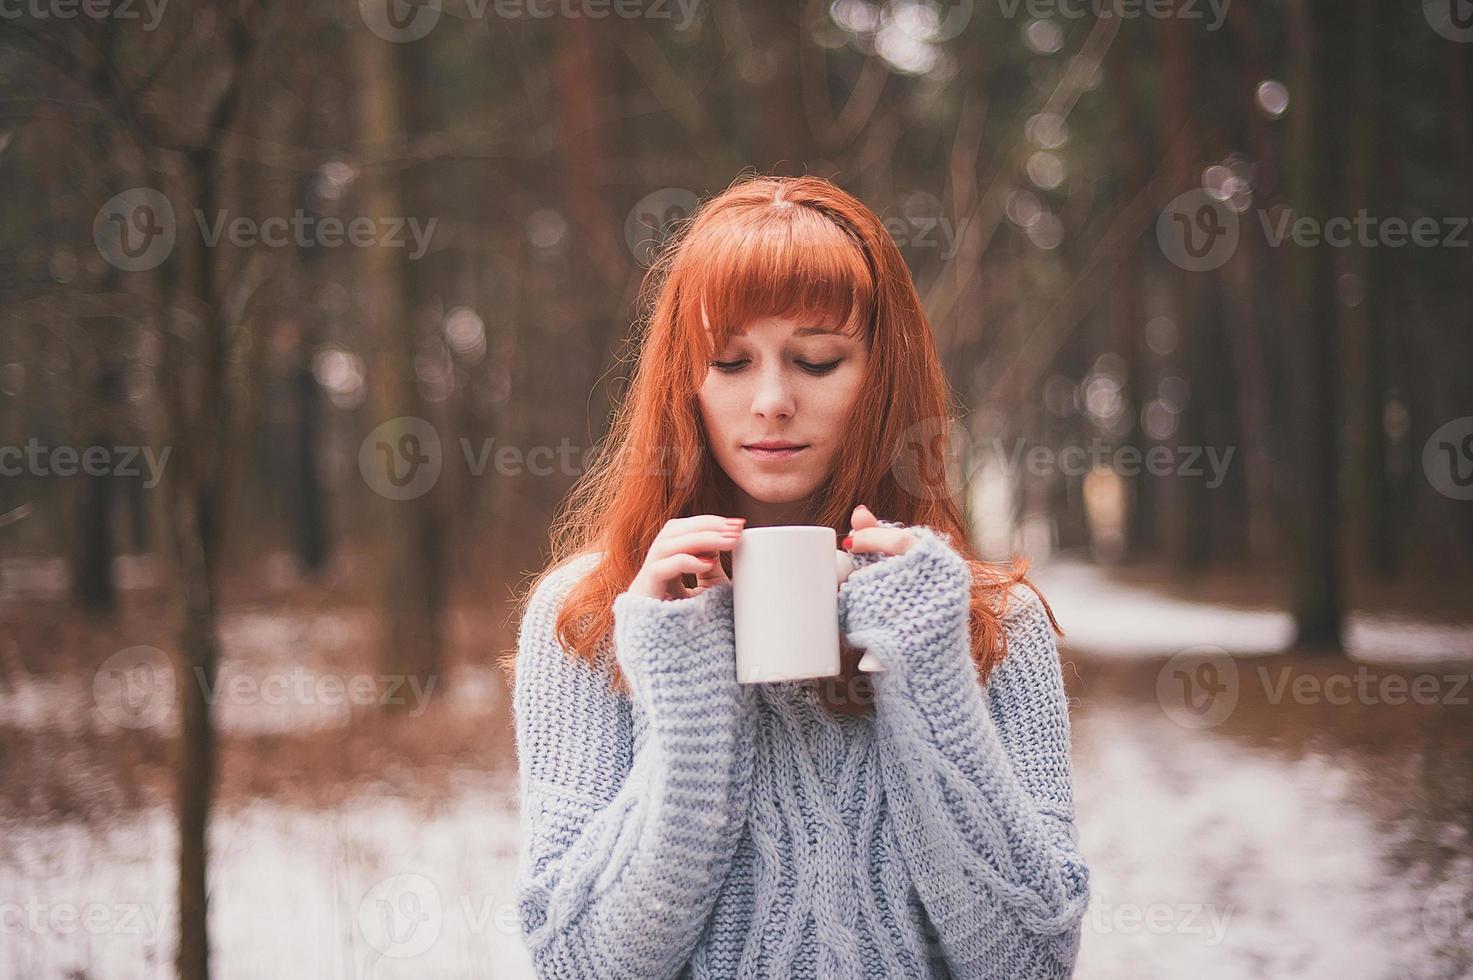 Foto rothaariges Mädchen mit einer Tasse in der Hand.